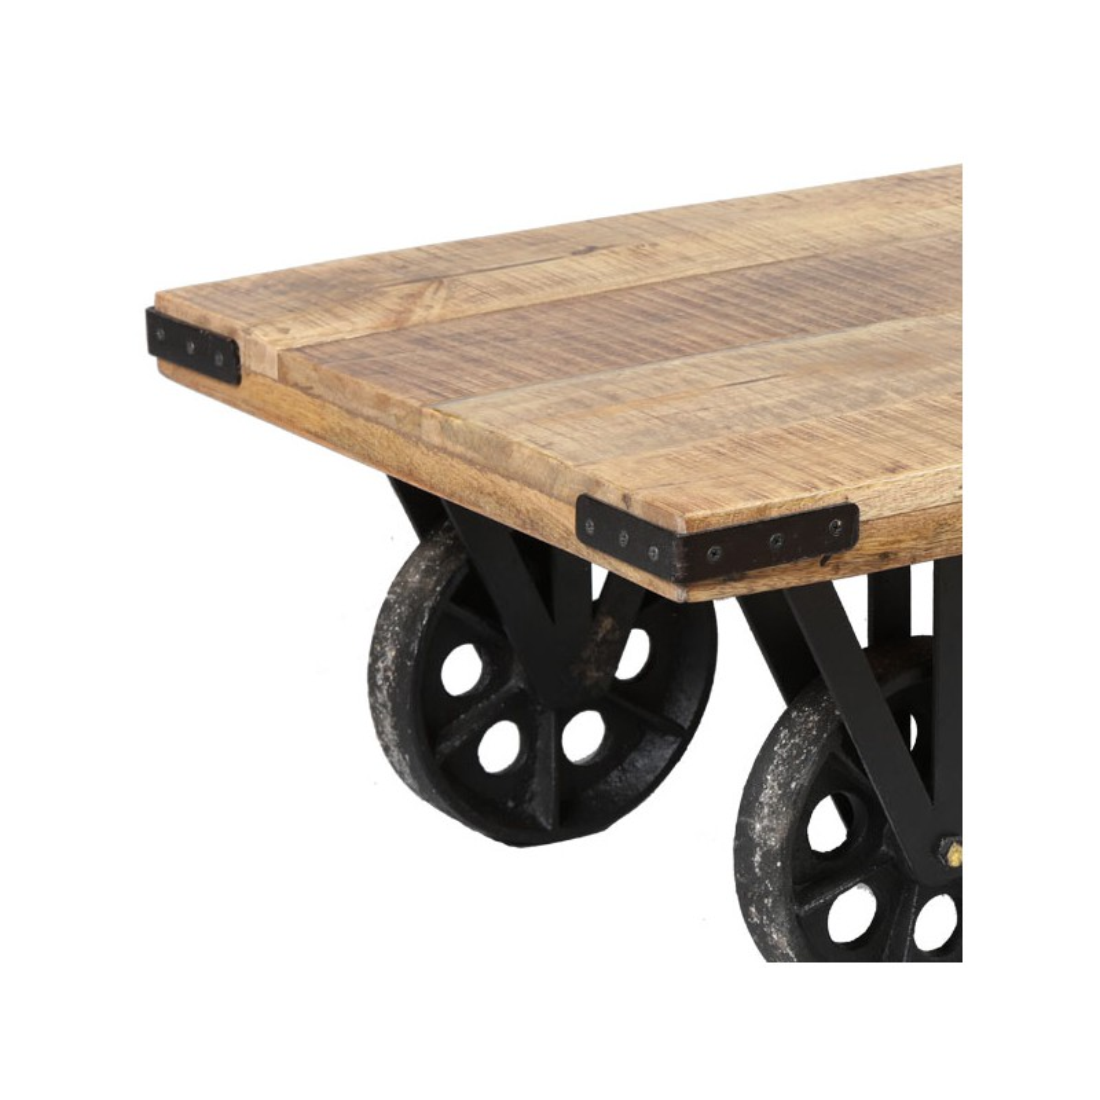 Table basse sur roues bois et acier aglae salon - Table basse bois acier ...